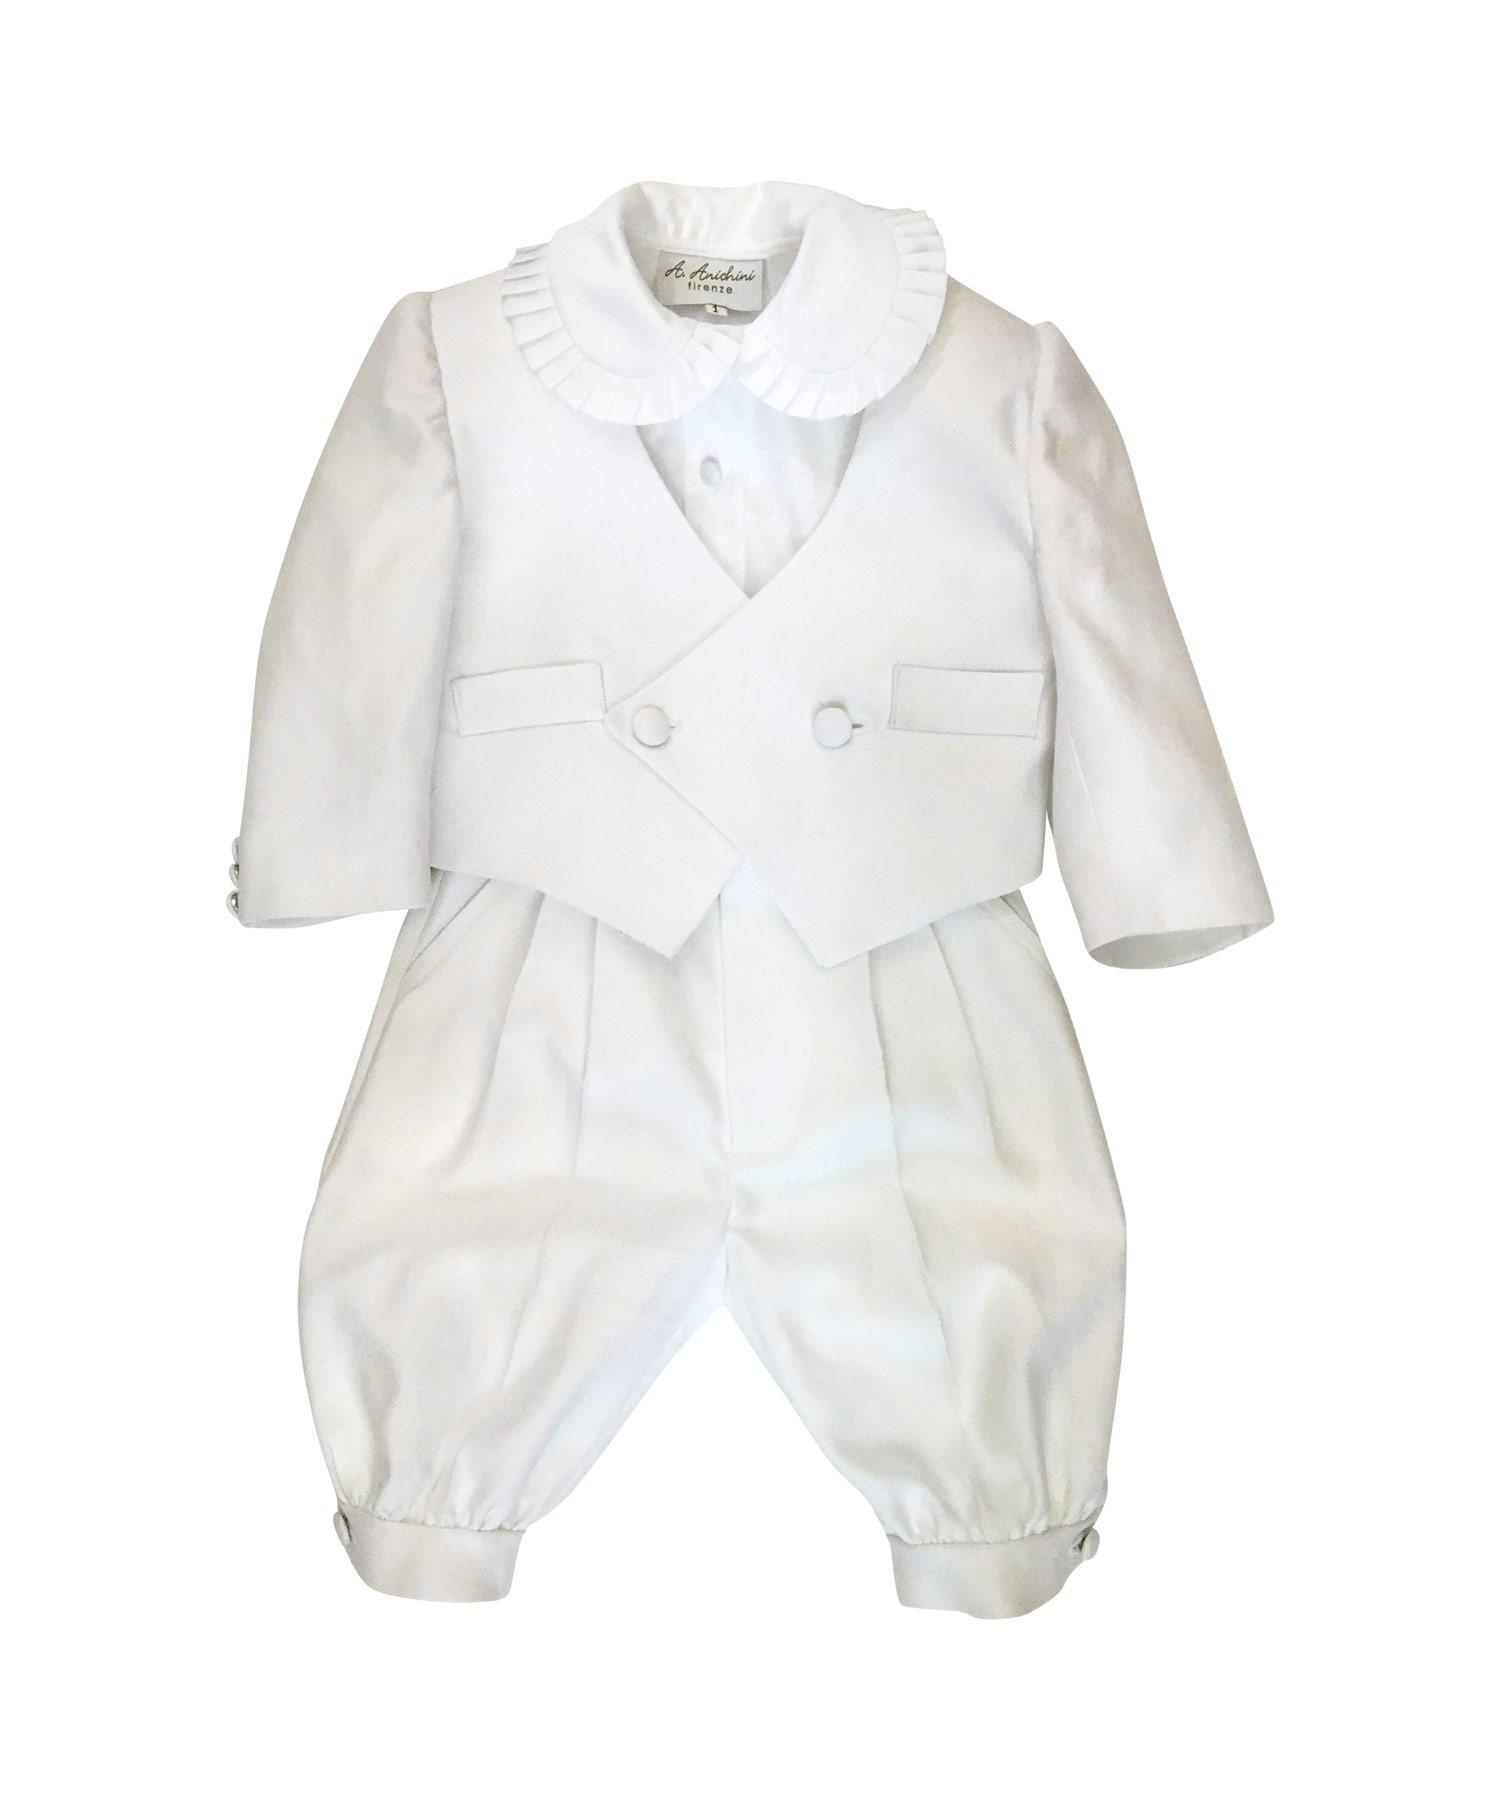 Conosciuto Abbigliamento per bambino, neonato e ragazzo. - Anichini UZ35